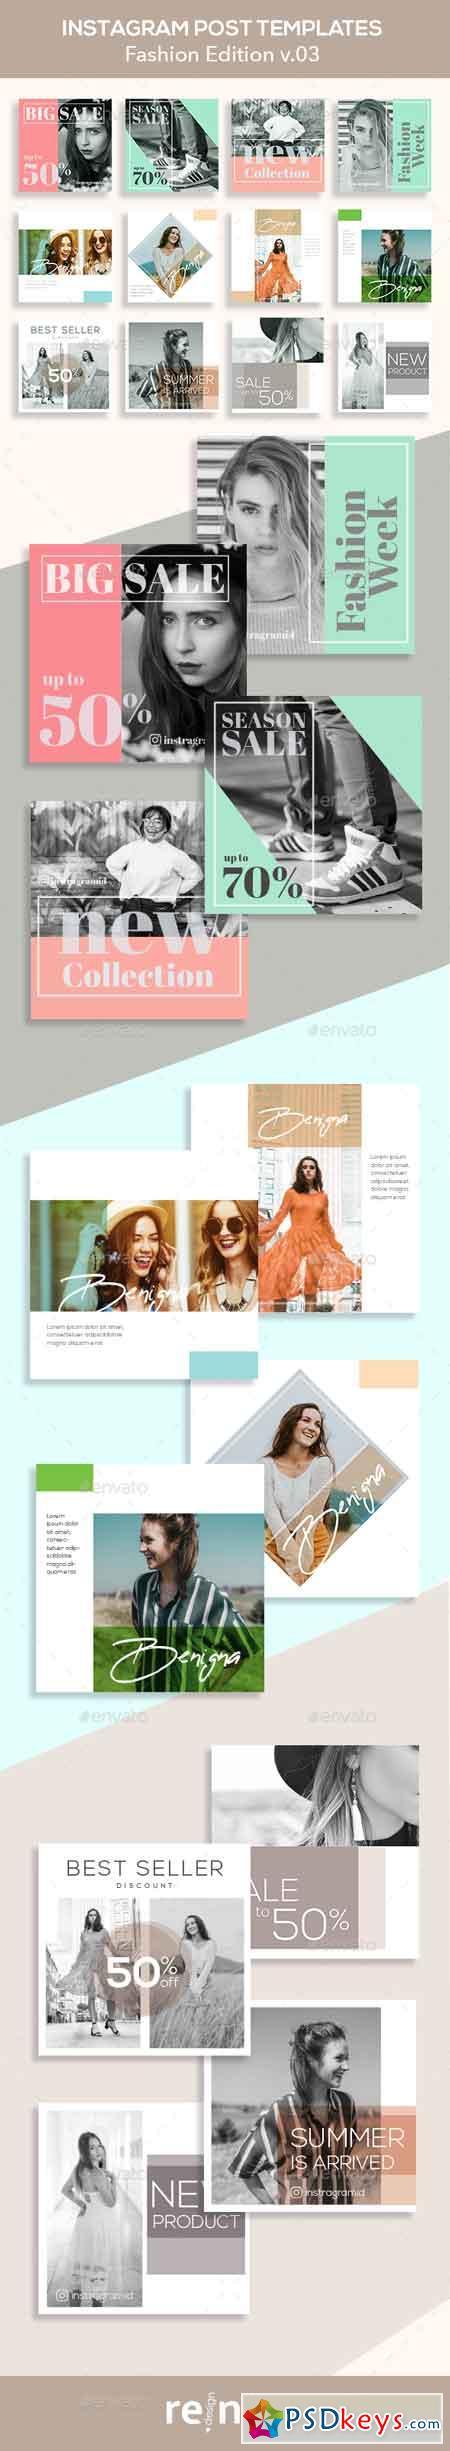 Fashion Instagram Posts v 03 23068793